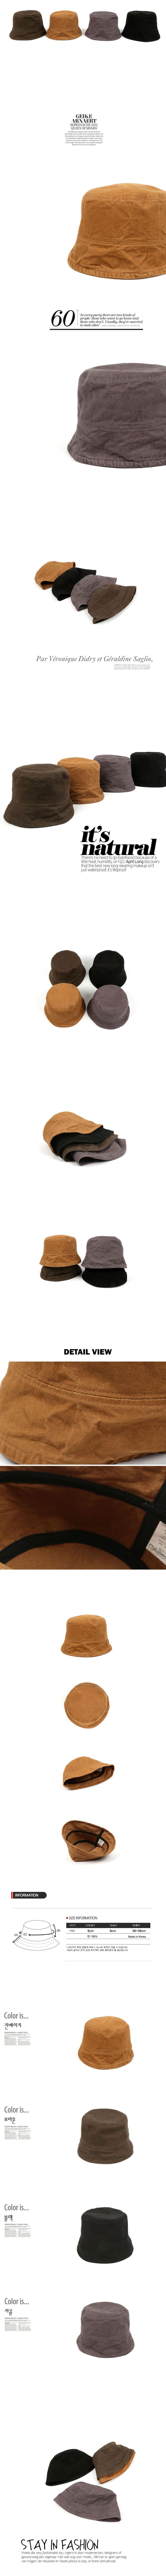 선피치원통 벙거지모자CH1490207 - 익스트리모, 21,160원, 모자, 버킷햇